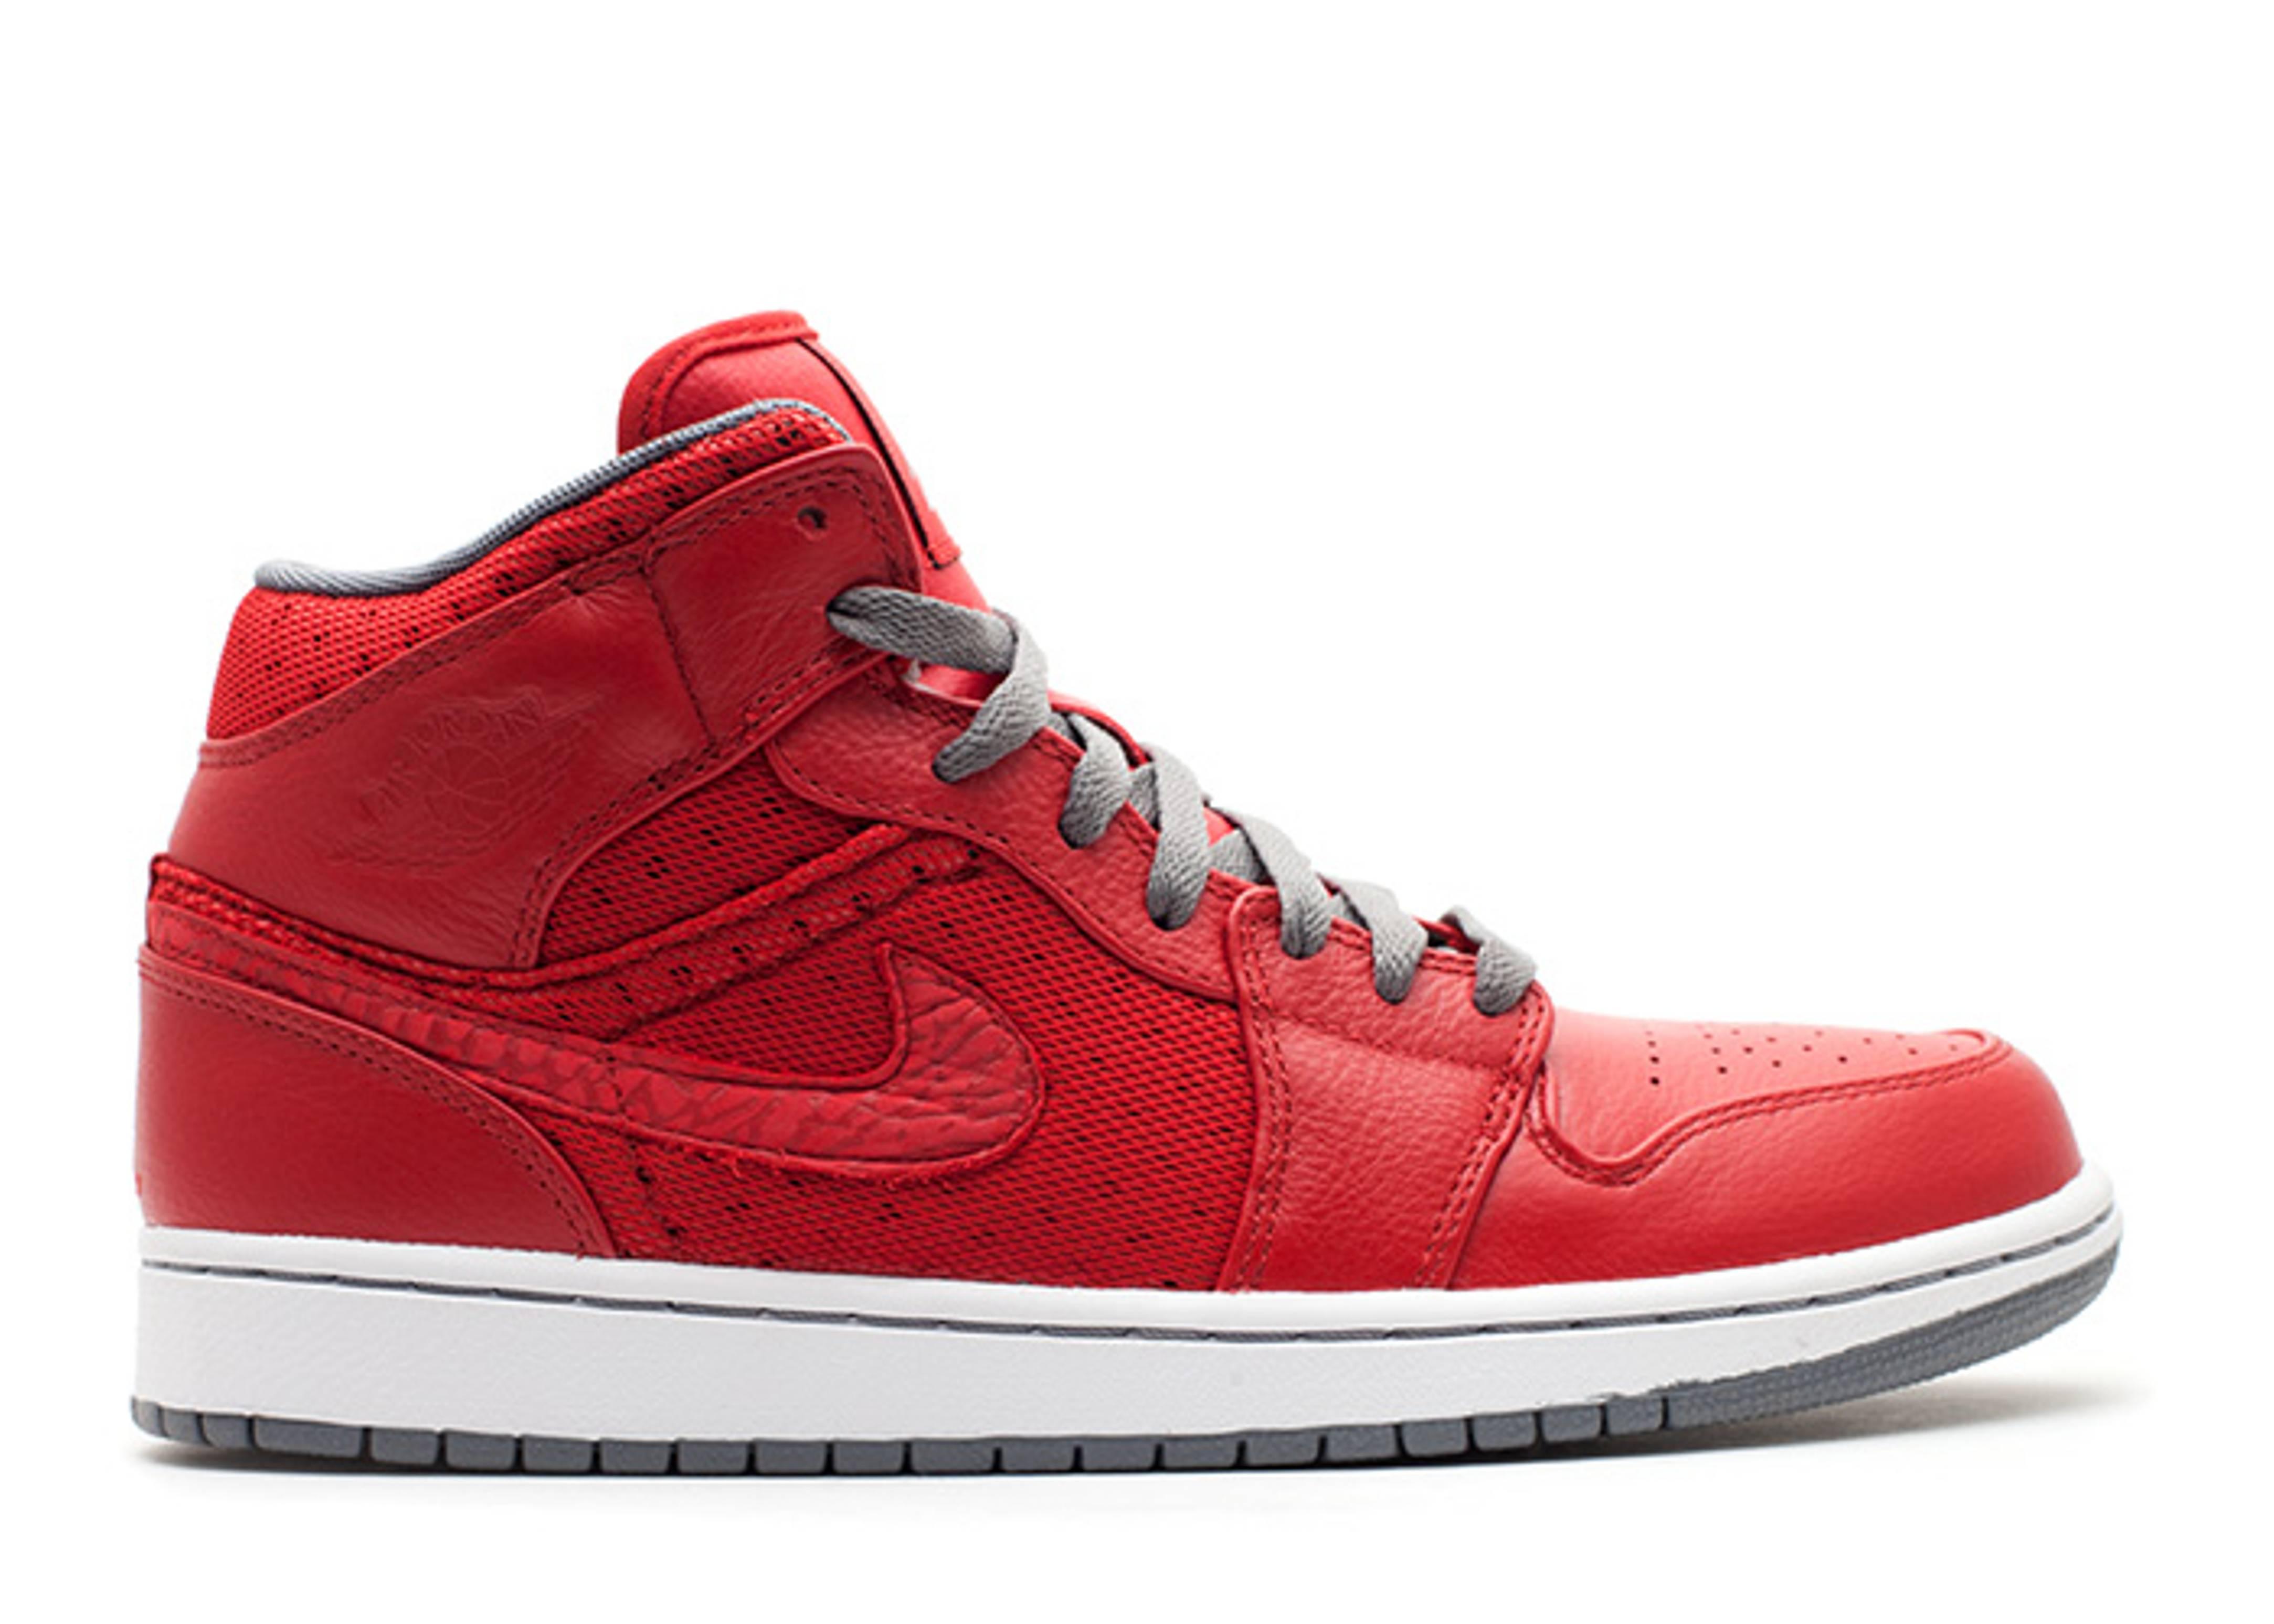 569fdc87d11c77 Air Jordan 1 Phat - Air Jordan - 364770 602 - varsity red cool grey-white